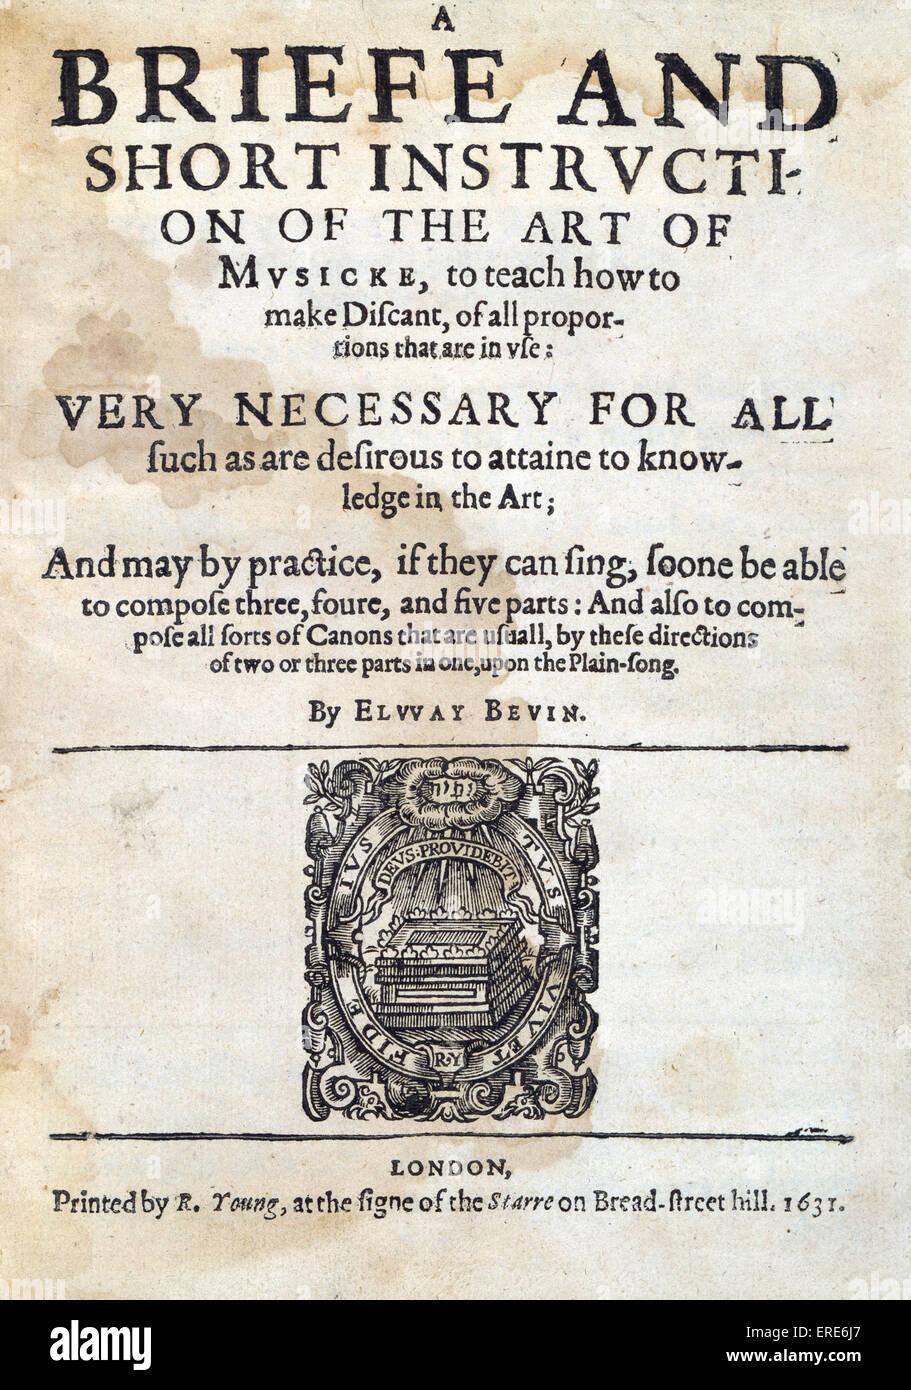 Un Briefe e brevi istruzioni sull'arte di Musicke da Elway Bevin, 1631, prima edizione. Titlepage inciso. Immagini Stock